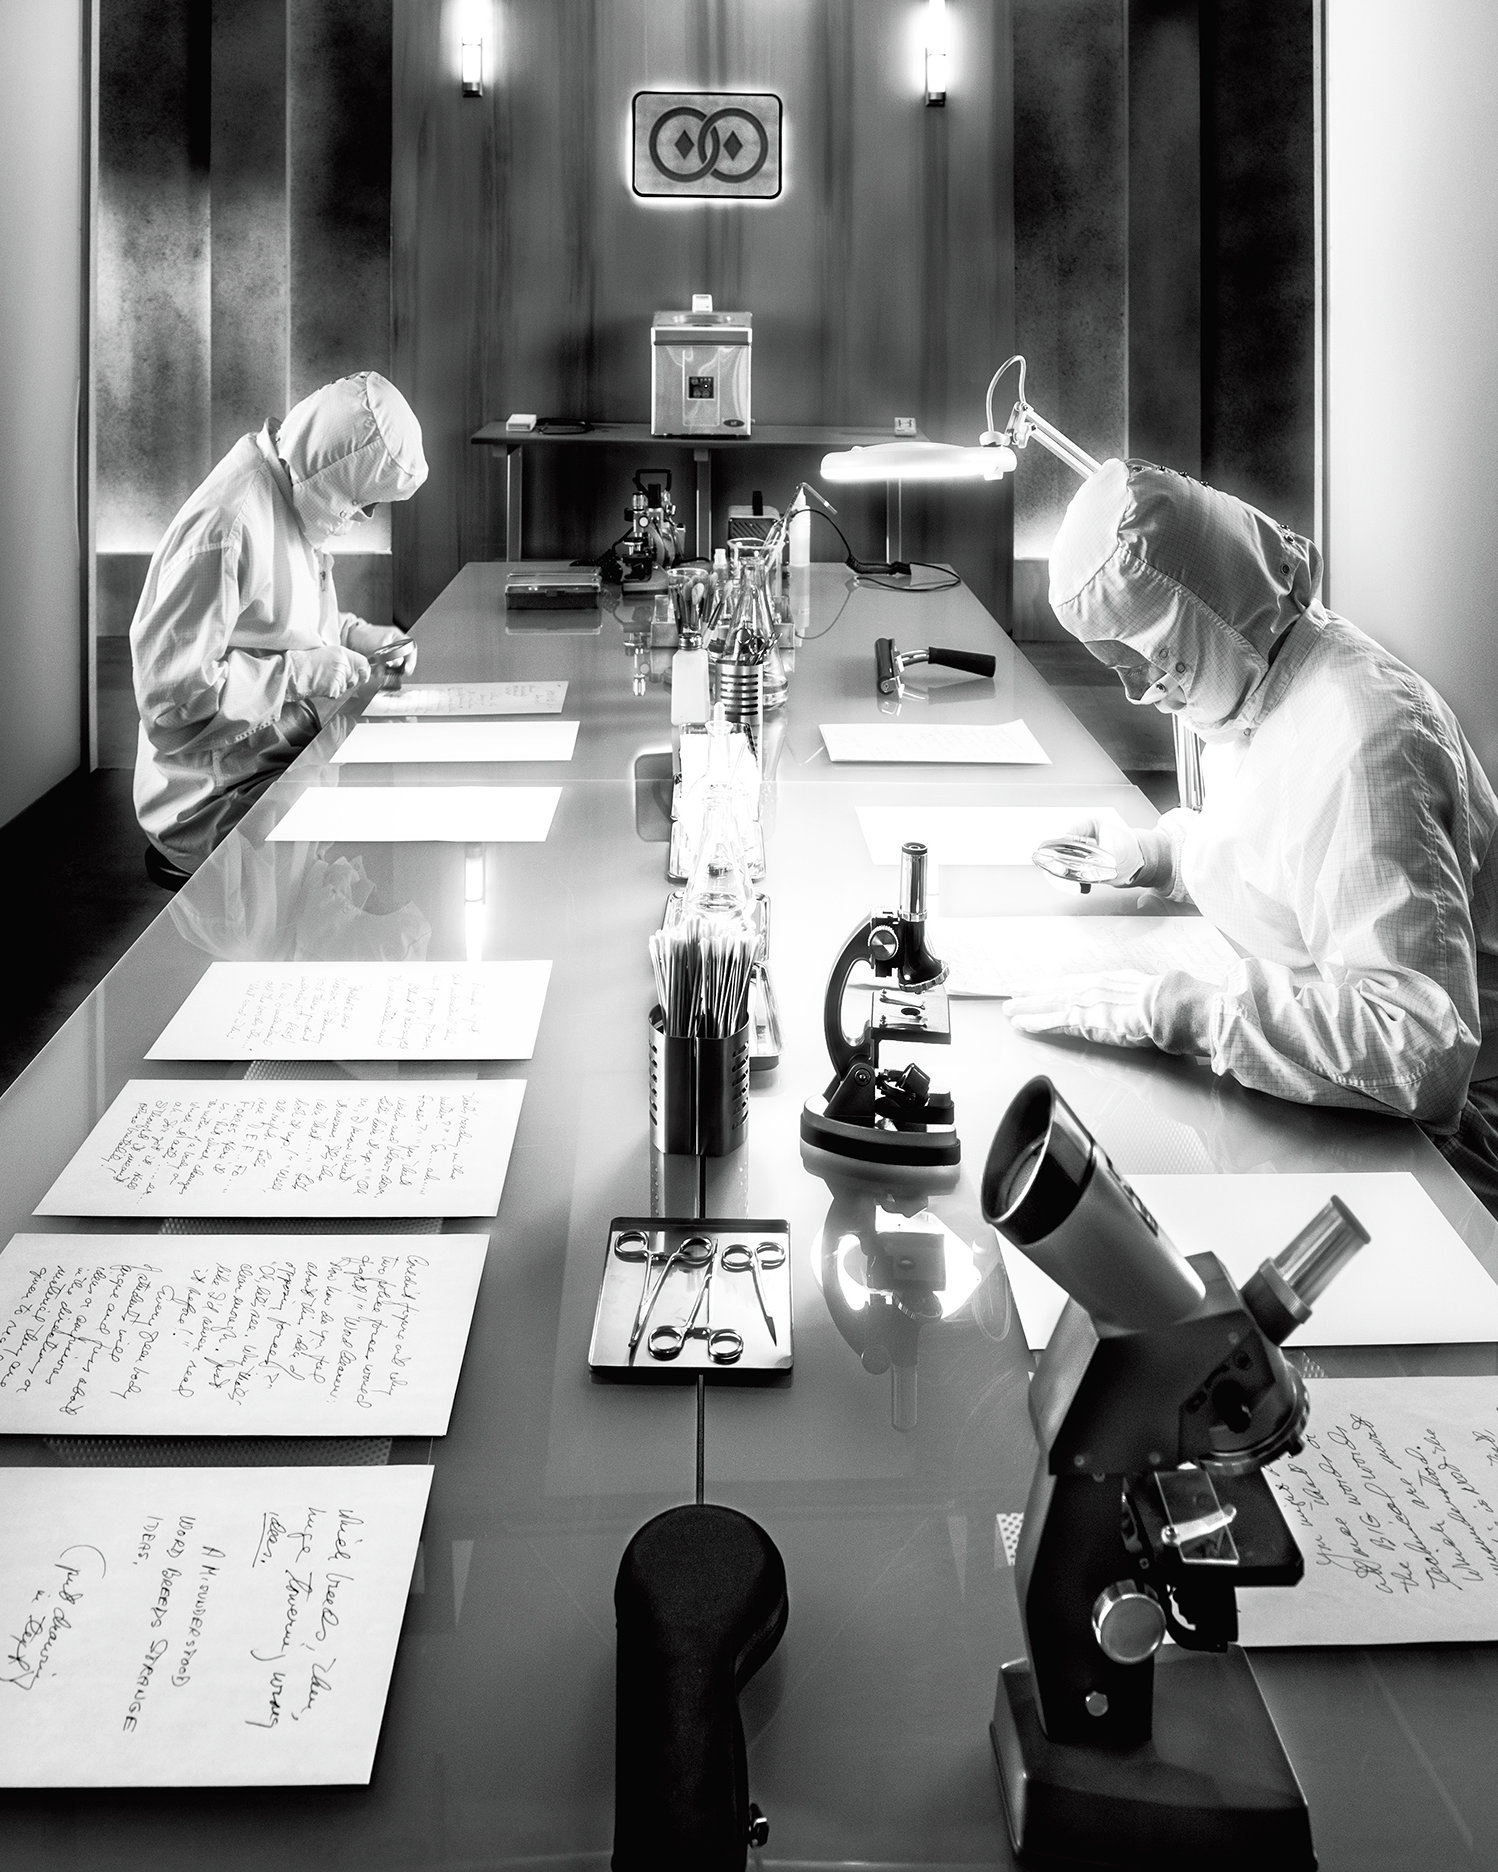 Inside Scientology: Projet de préservation